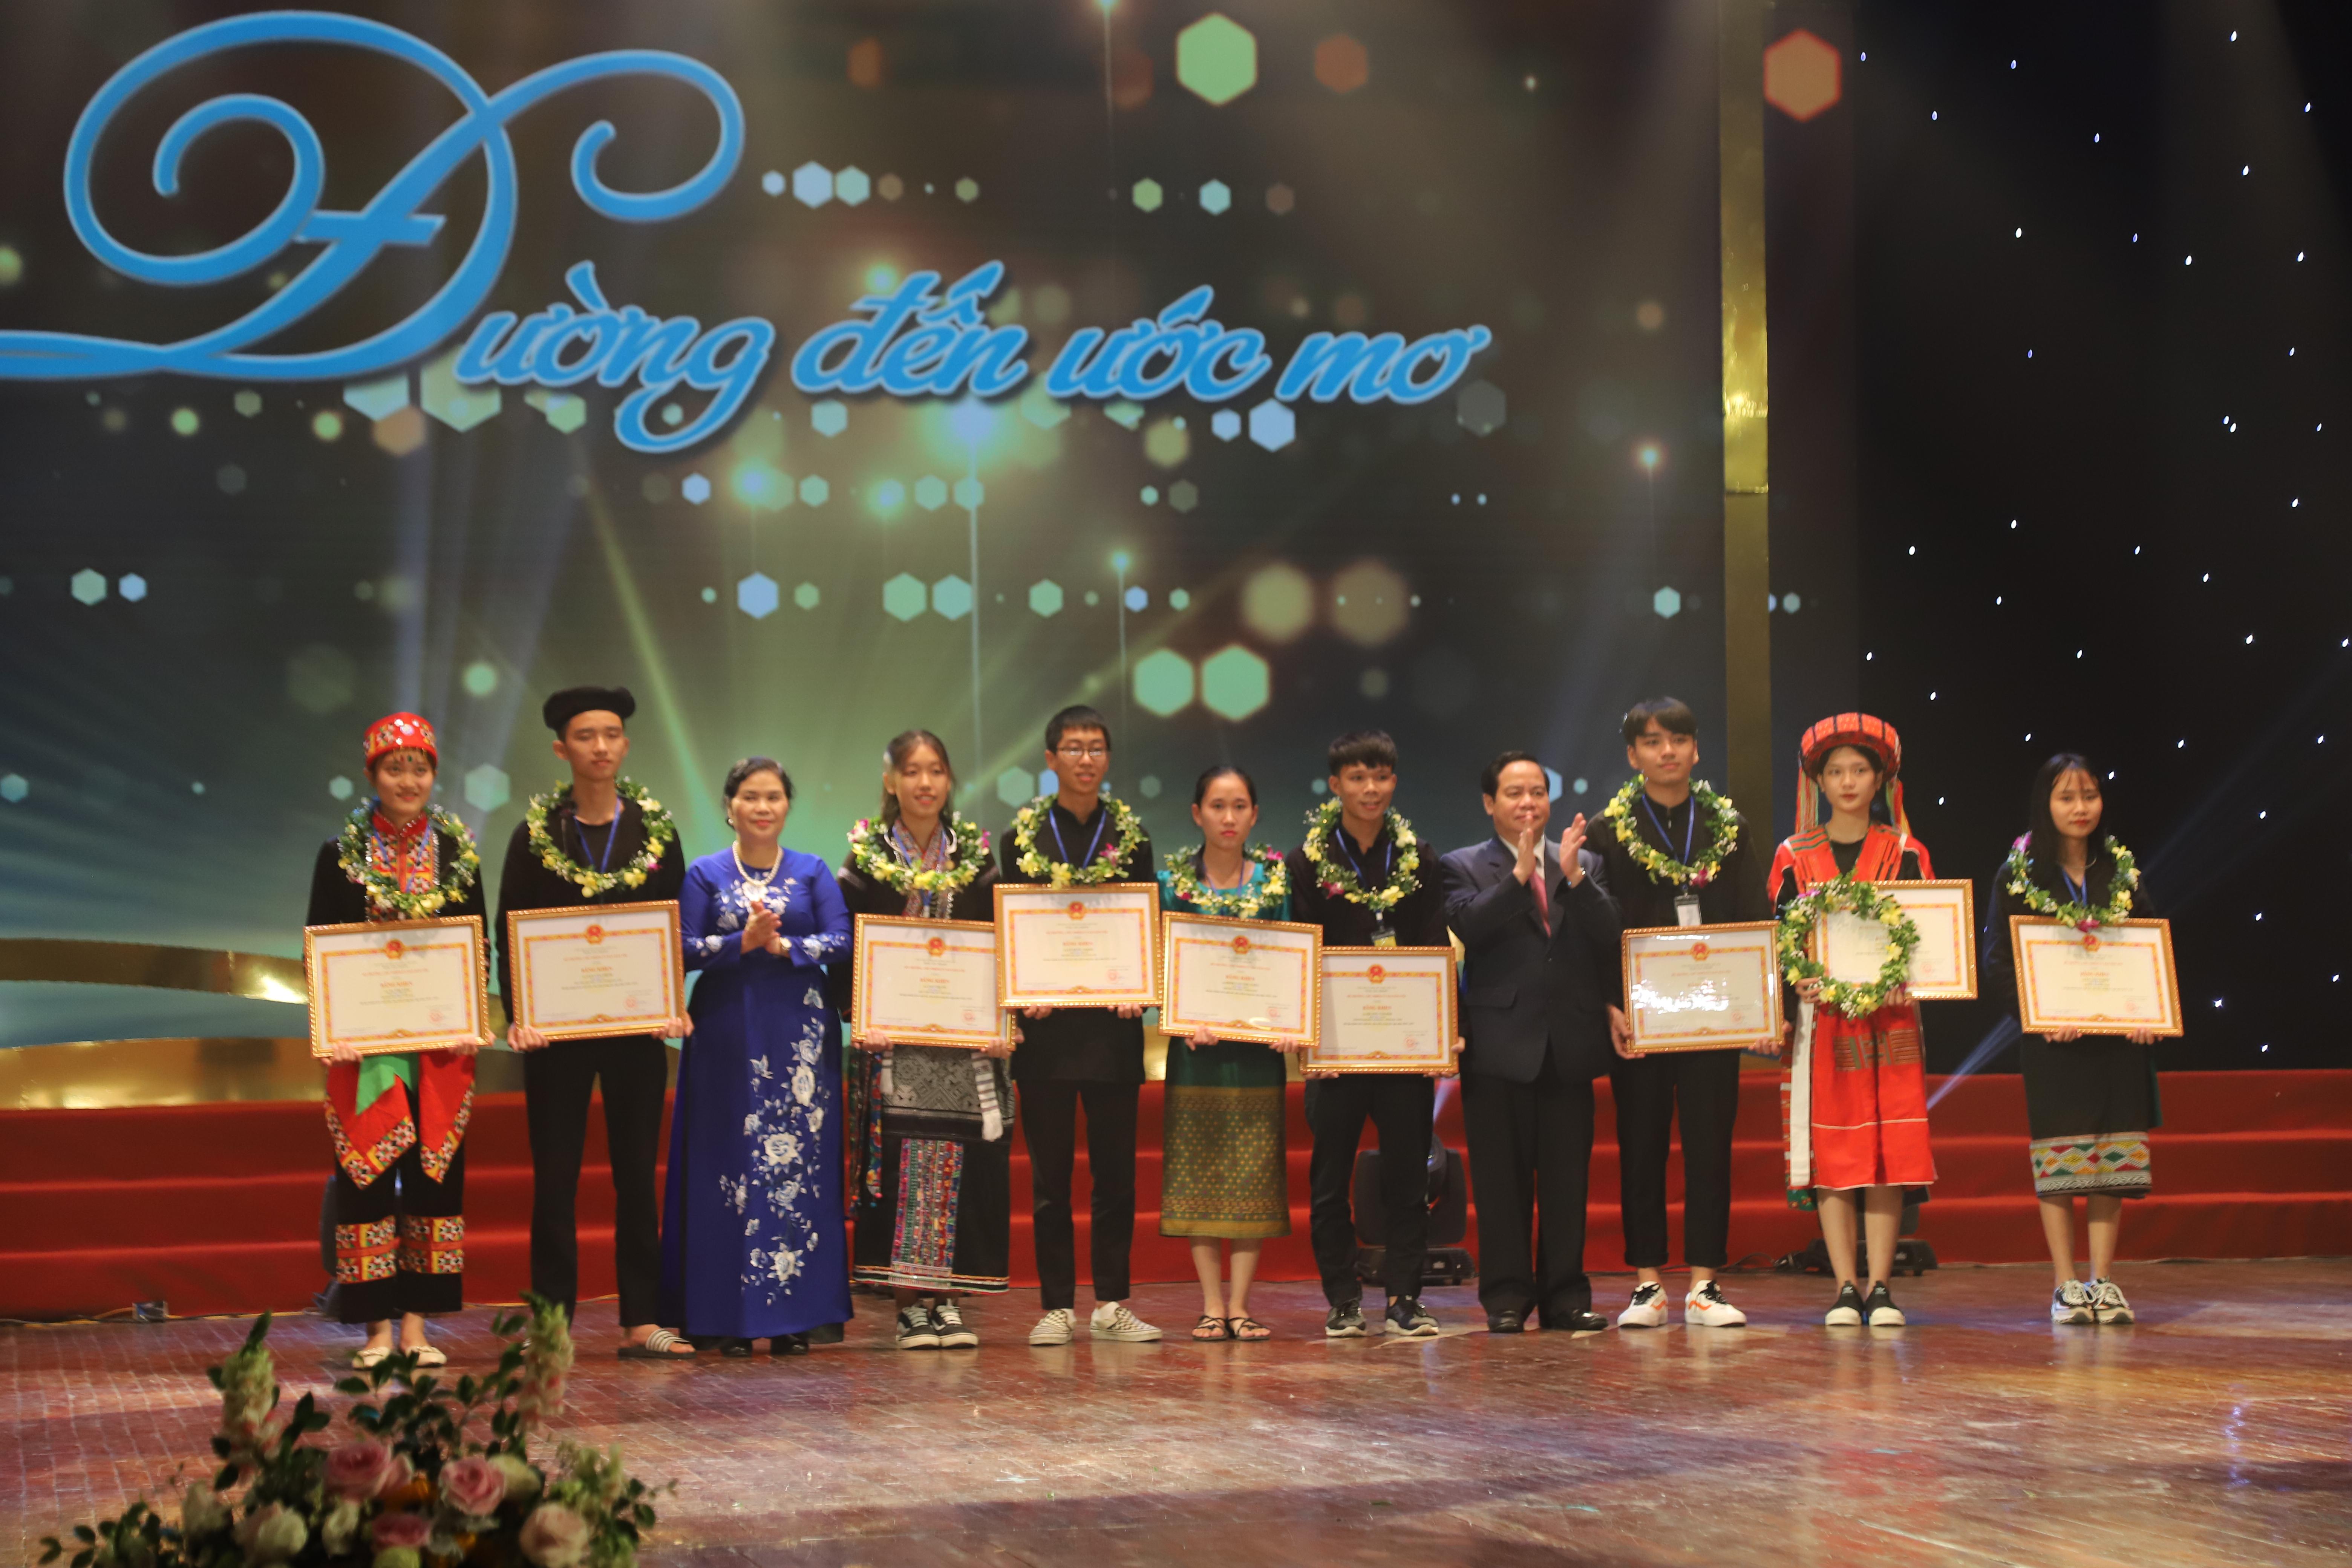 Ông Điểu K'Ré, Phó Trưởng ban Dân vận Trung ương và bà Giàng Páo Mỷ - Bí thư Tỉnh ủy tỉnh Lai Châu trao phần thưởng cho các học sinh người DTTS rất ít người (dưới 10.000 người) trúng tuyển vào đại học